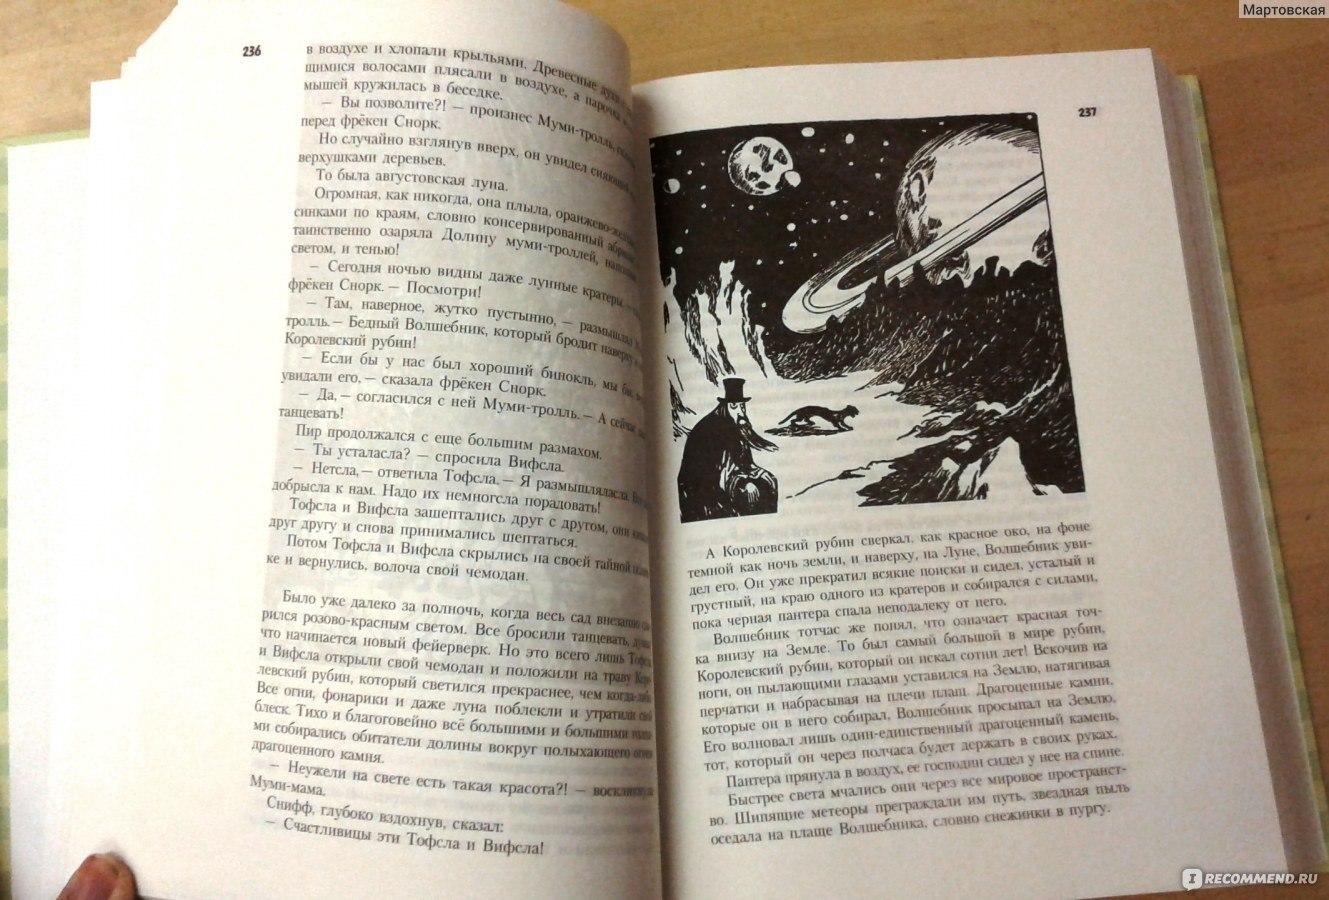 Янссон Туве  скачать бесплатно все книги Янссон Туве